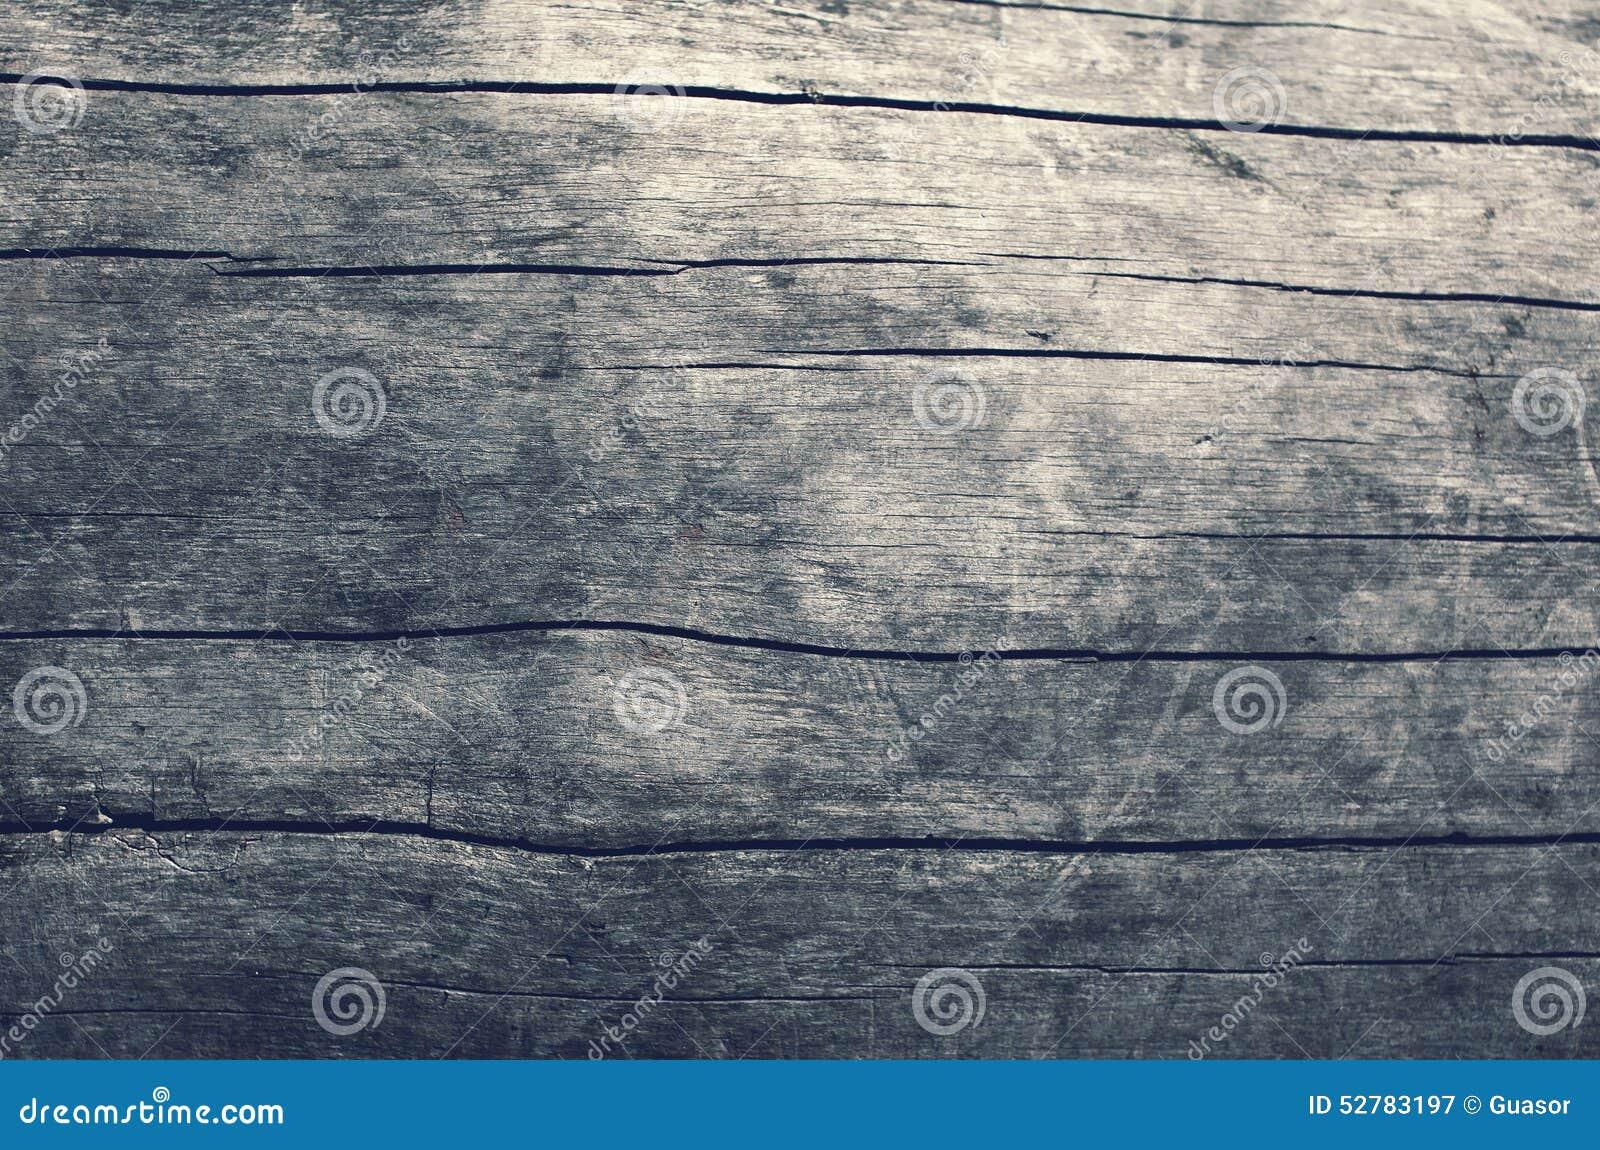 table grise de texture en bois fond en bois naturel image stock image du blanc pays 52783197. Black Bedroom Furniture Sets. Home Design Ideas